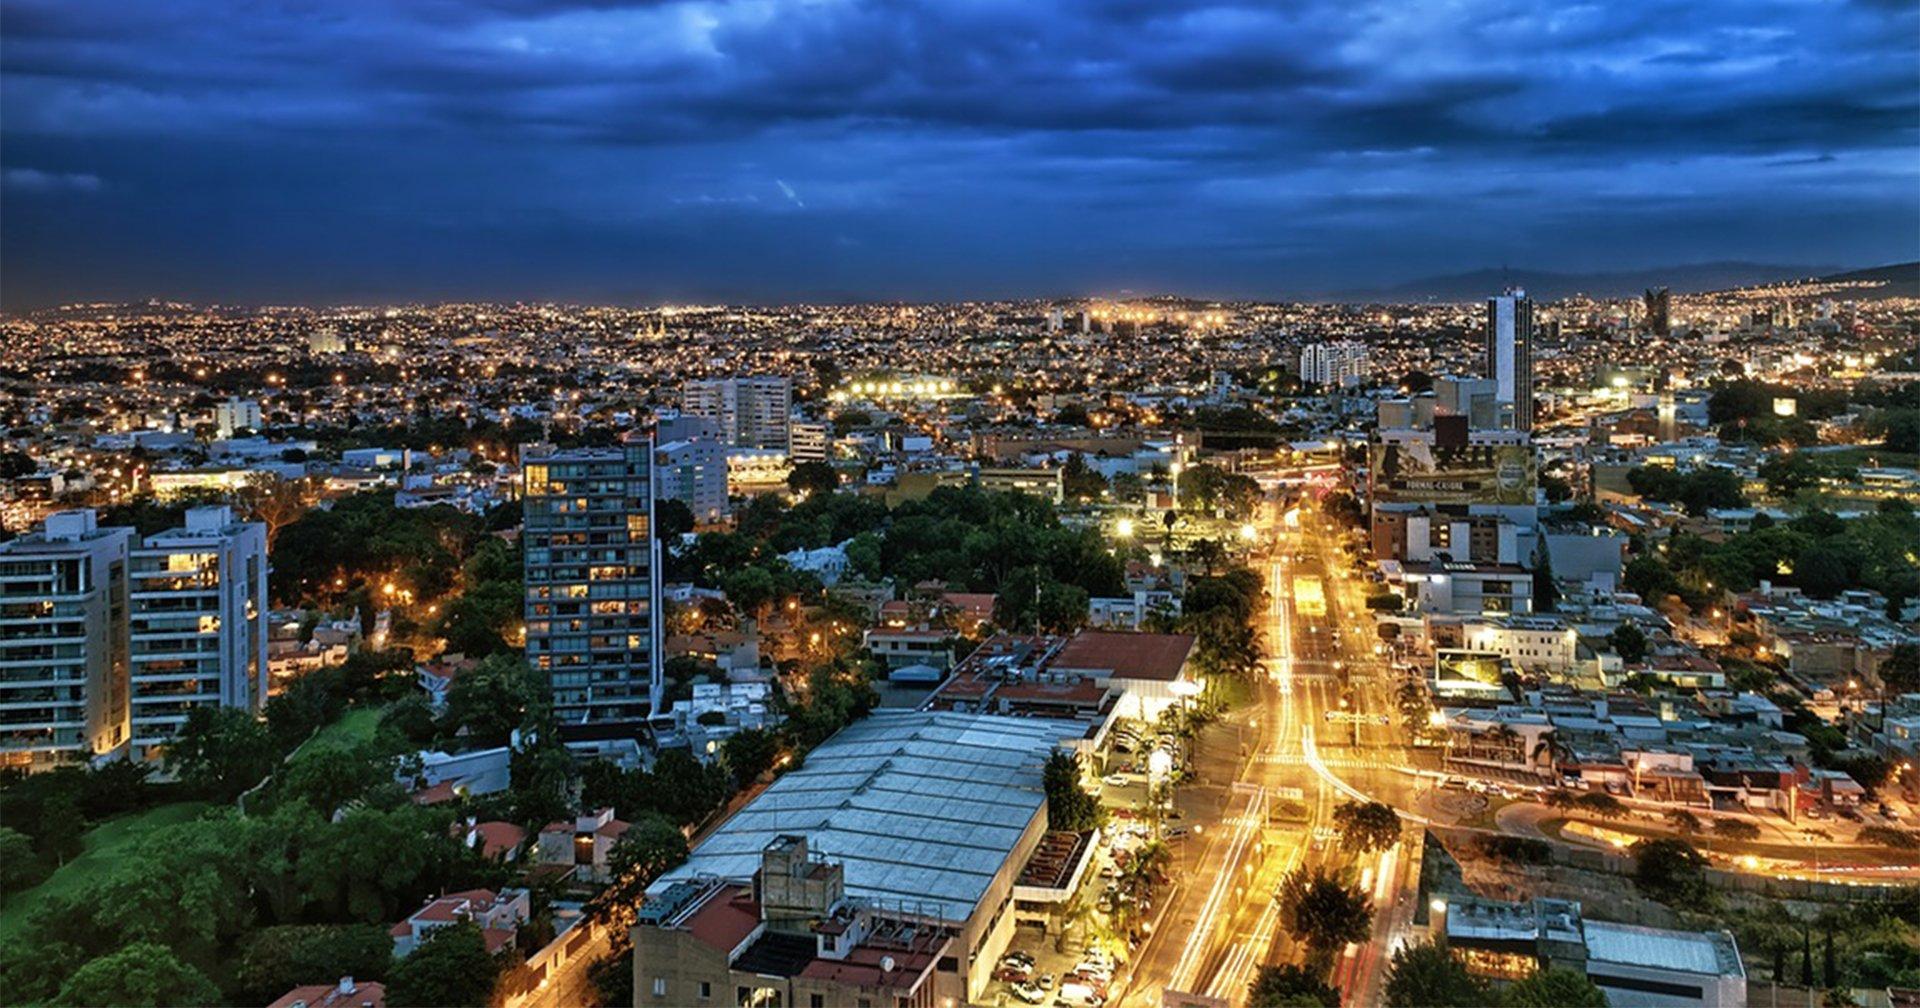 2420-04-Guadalajara